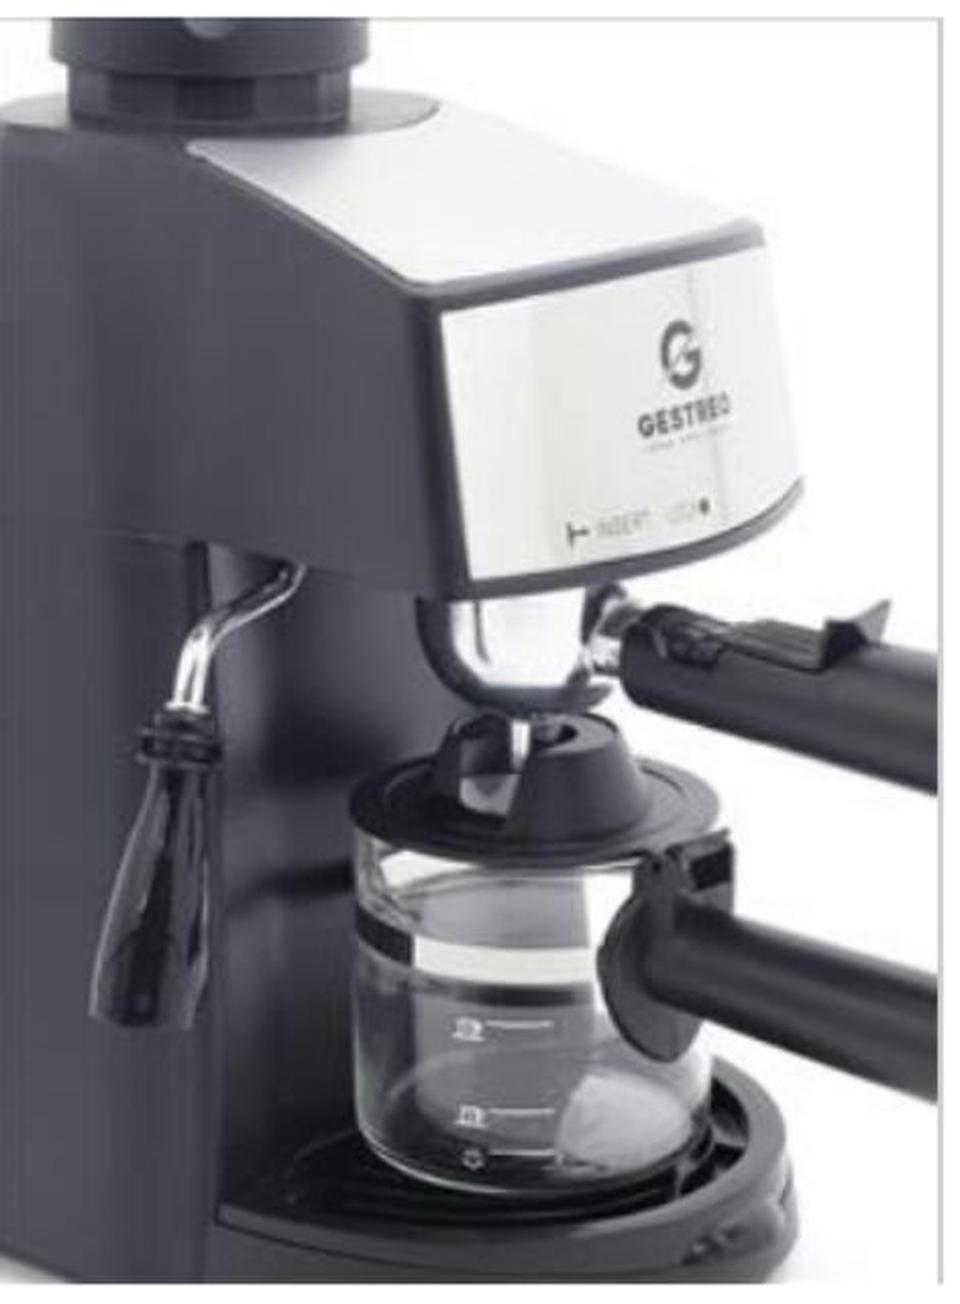 เครื่องทำกาแฟสดระบบแรงดัน ของใหม่แกะกล่อง รูปที่ 3